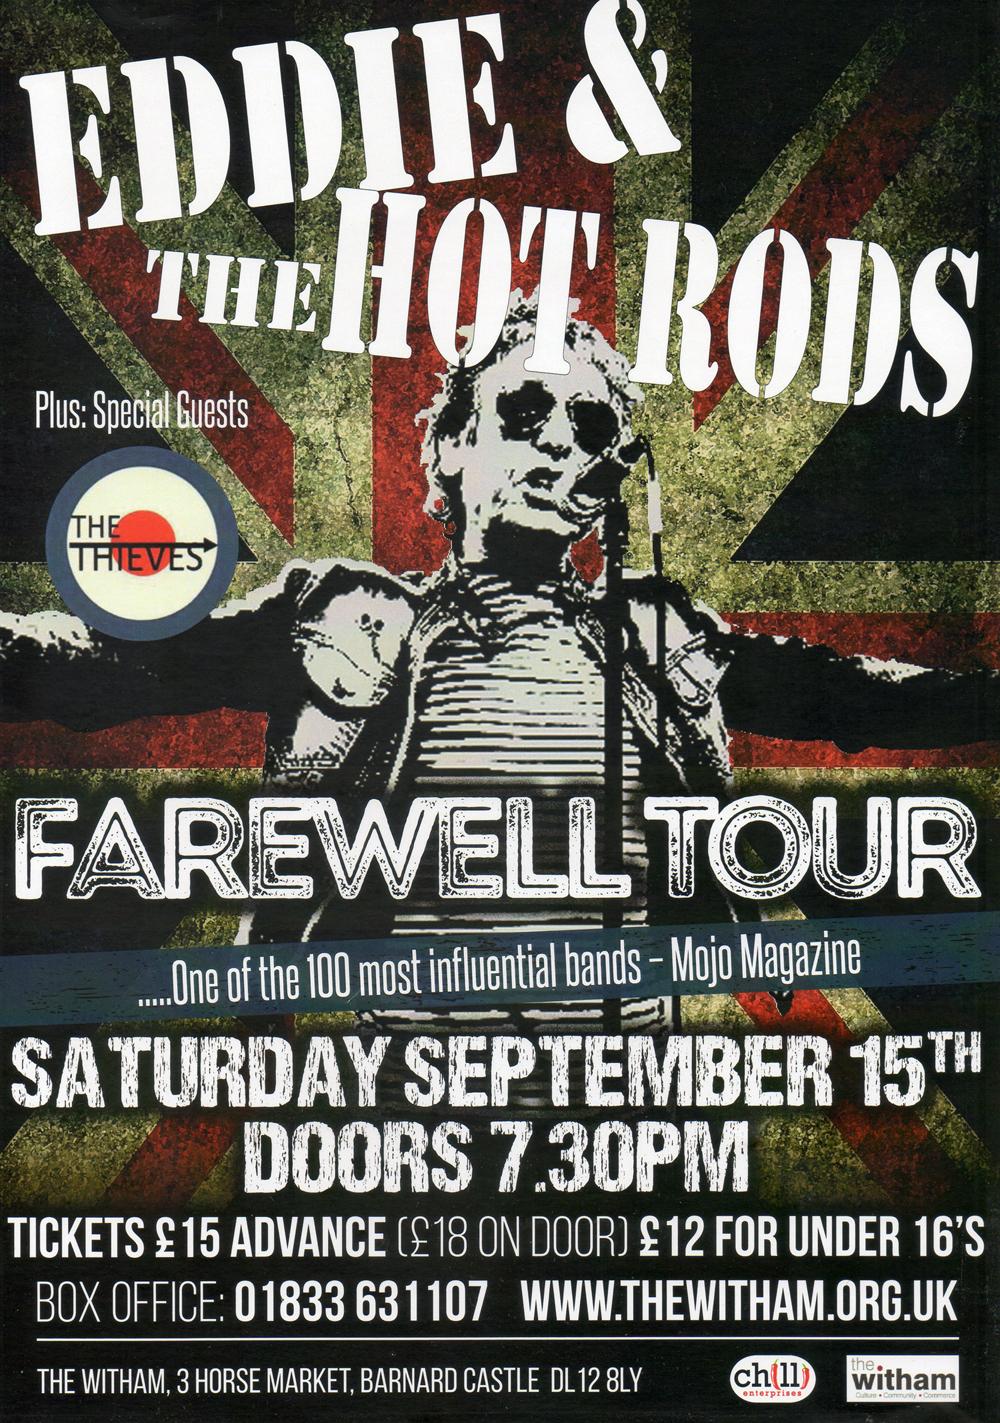 Farewell Tour for Eddie